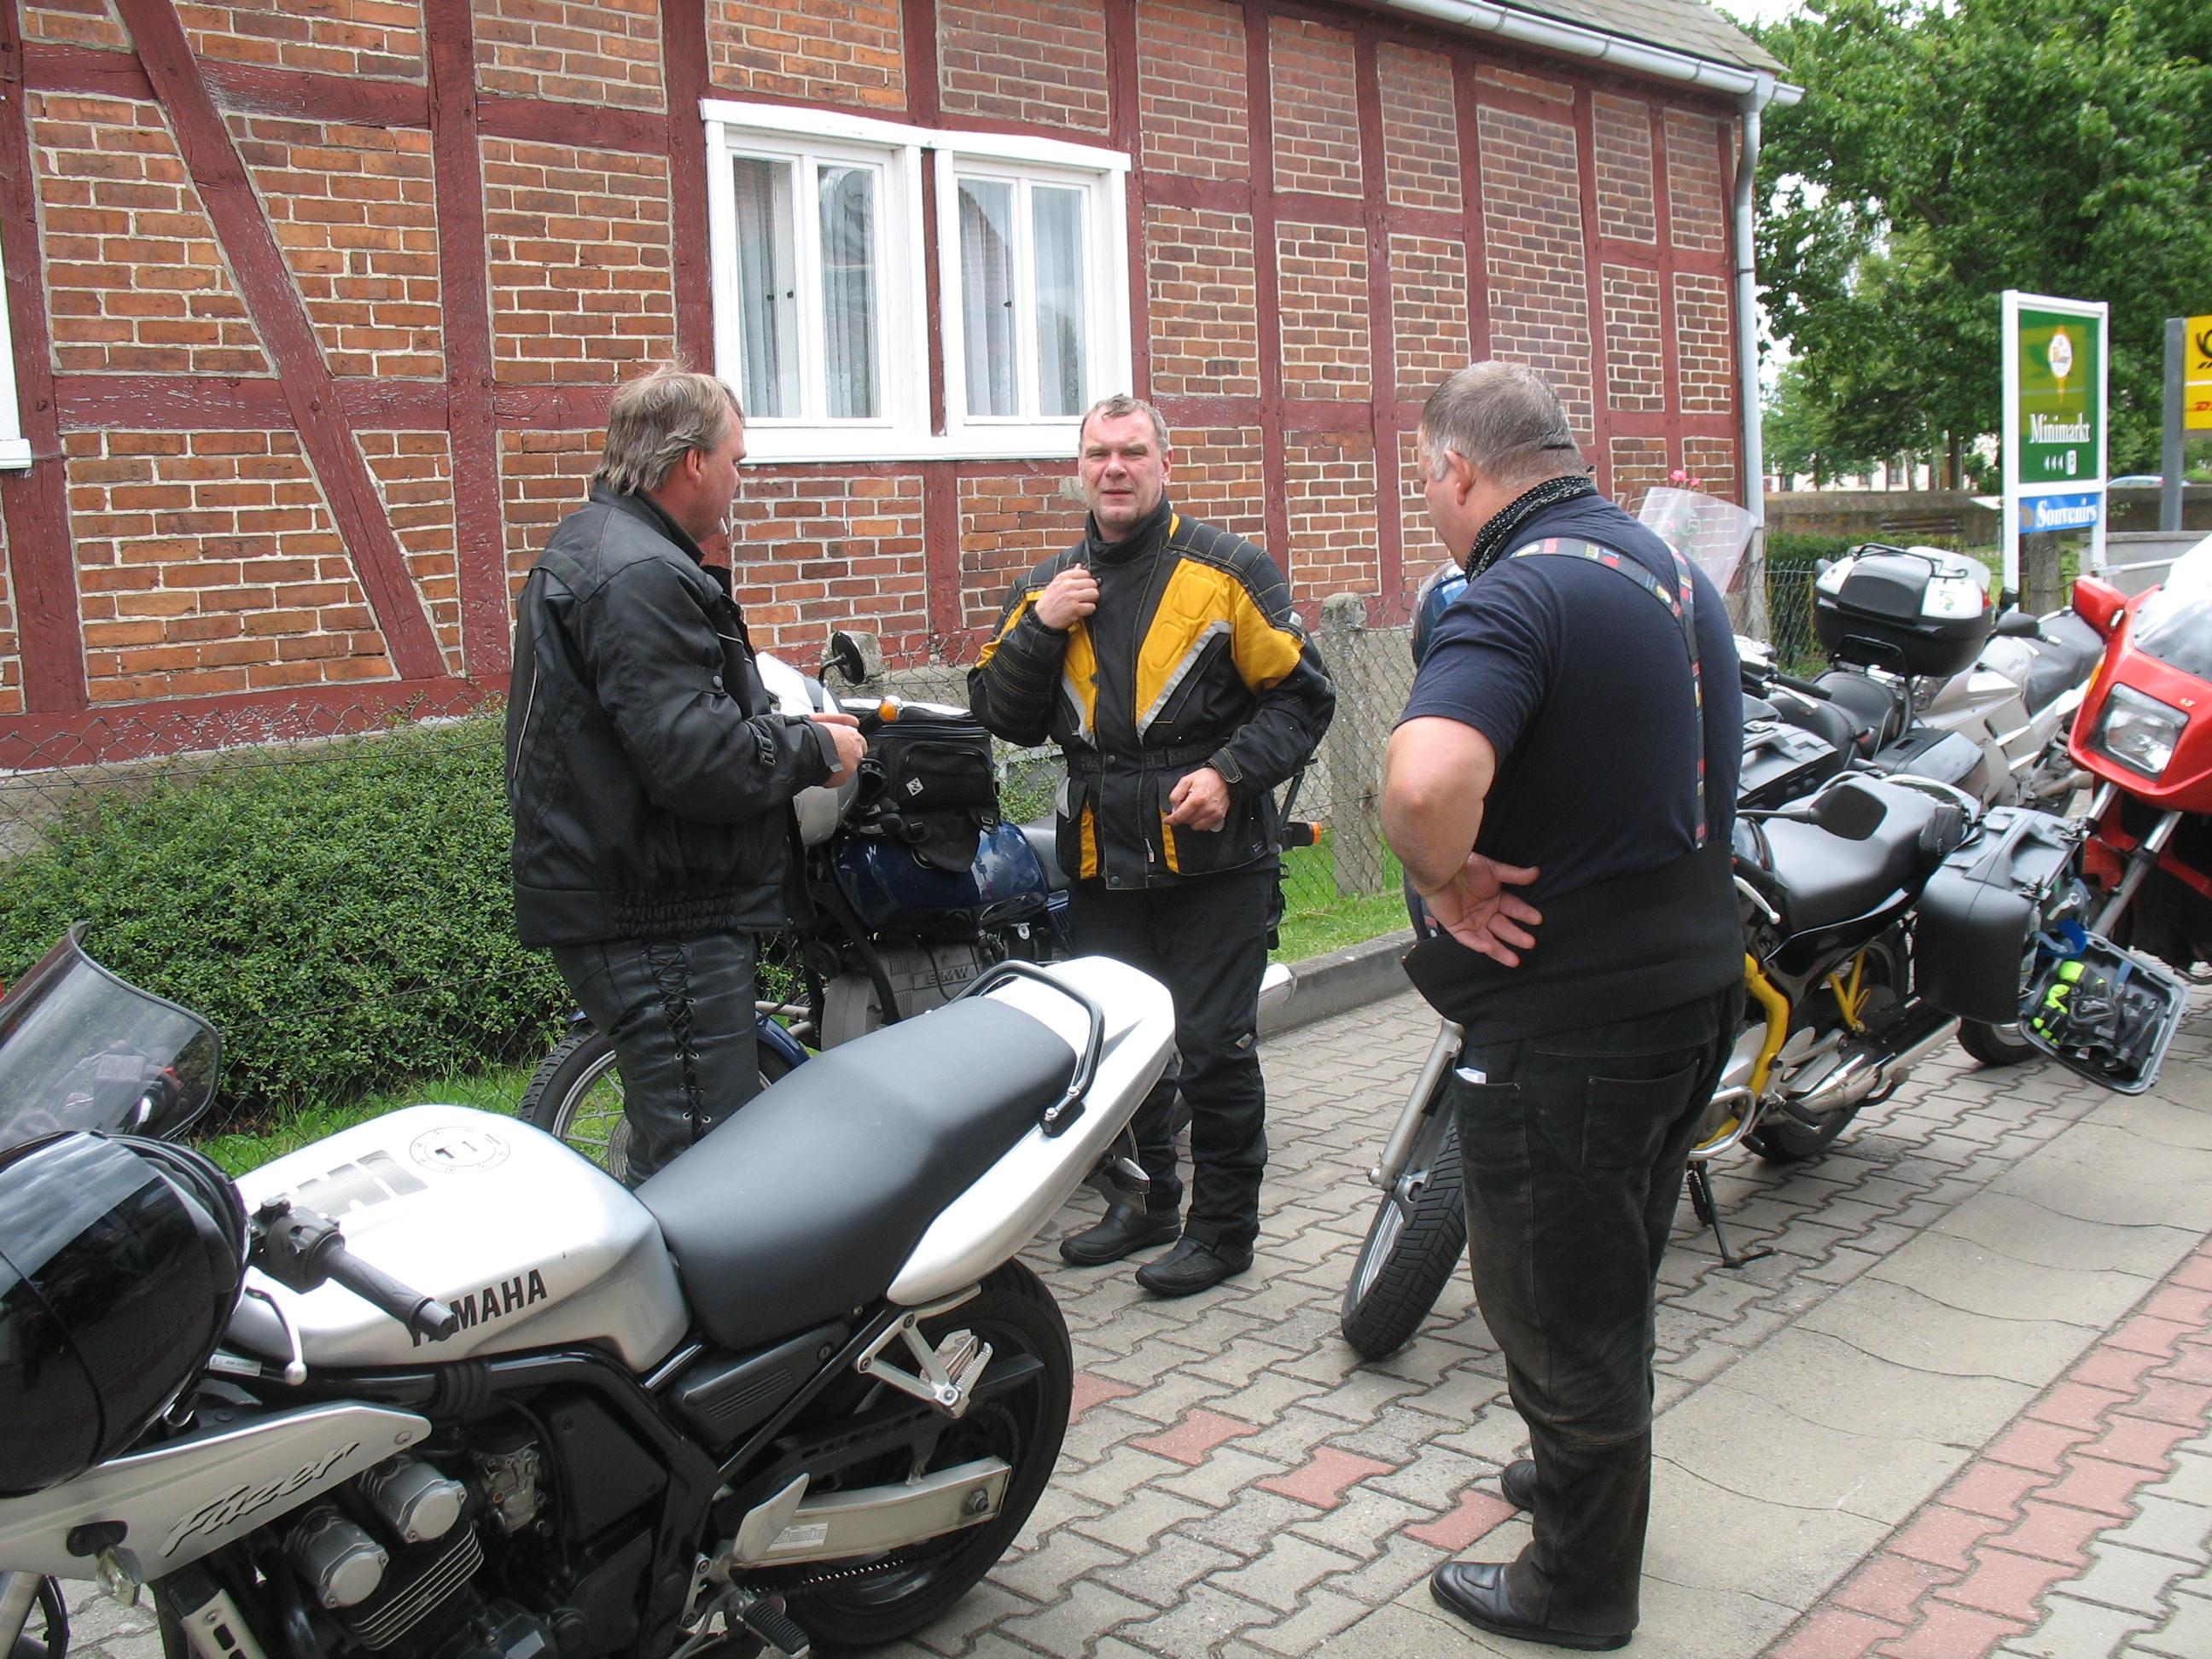 http://www.tsc-blausilber.de/media/bilder_intern/2012_Motorradtour/IMG_0005.JPG